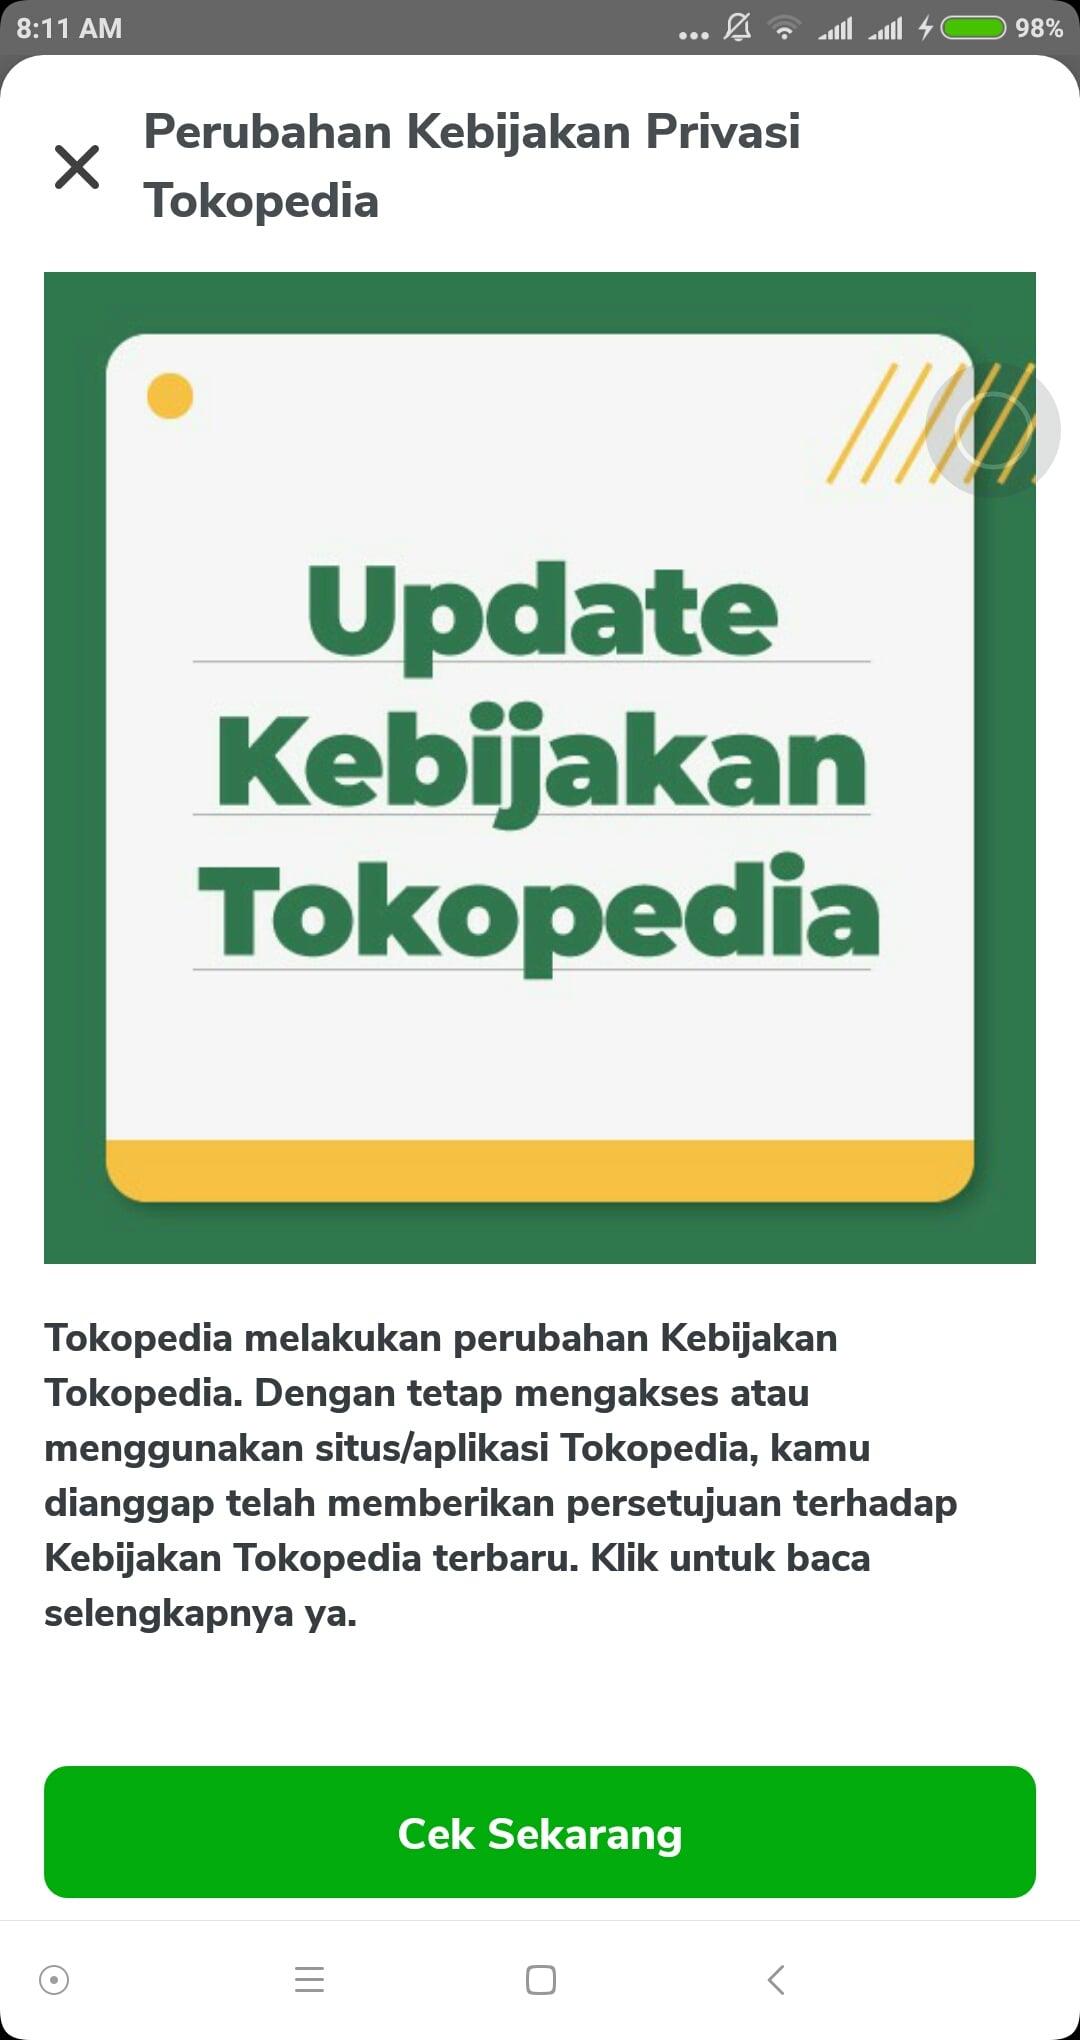 Kebijakan baru Tokopedia.